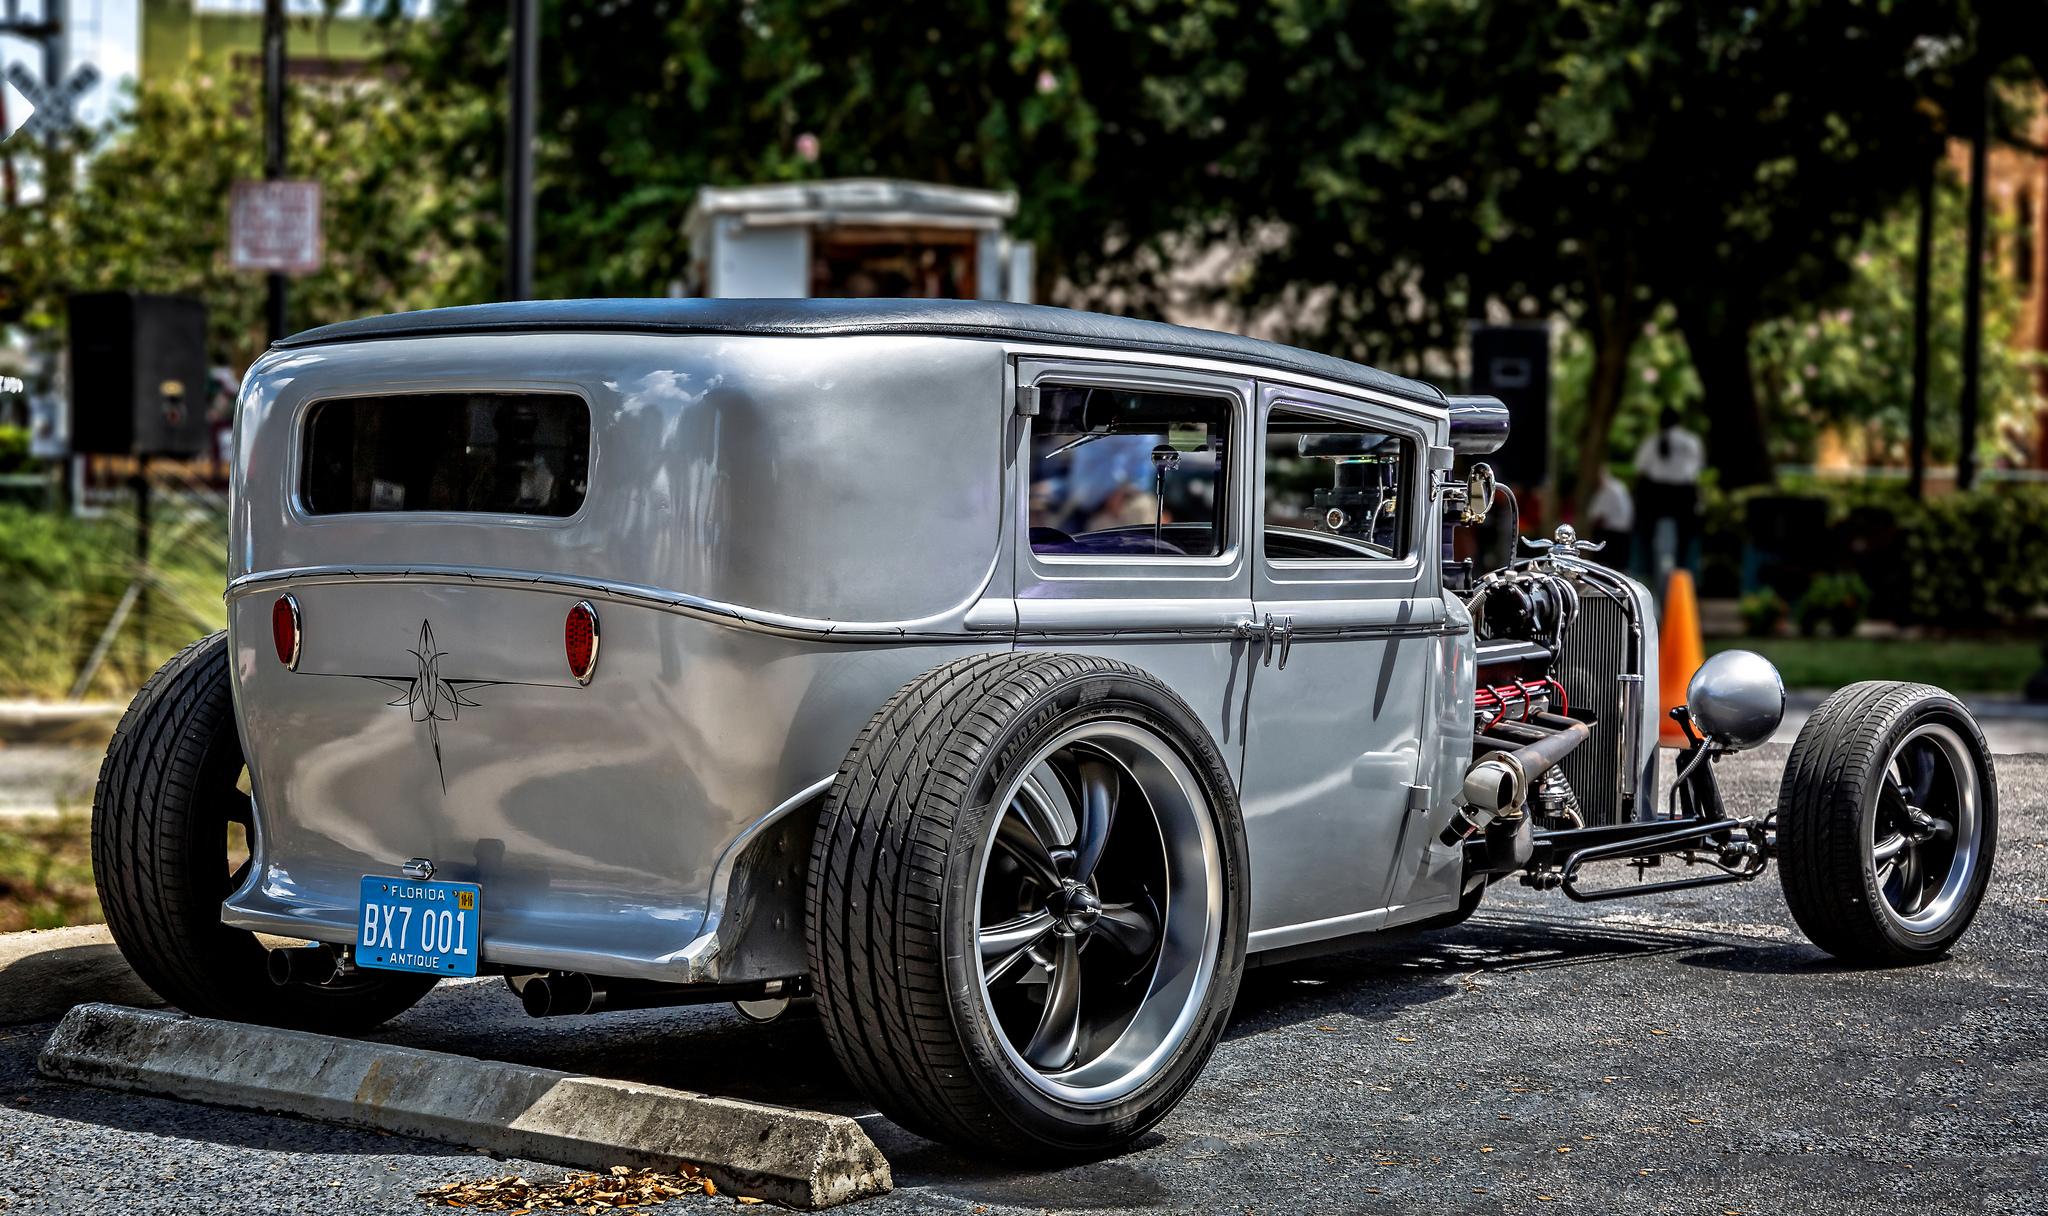 Modifiye Klasik Arabalar Hd Duvar Kağıdı Arka Plan 2048x1216